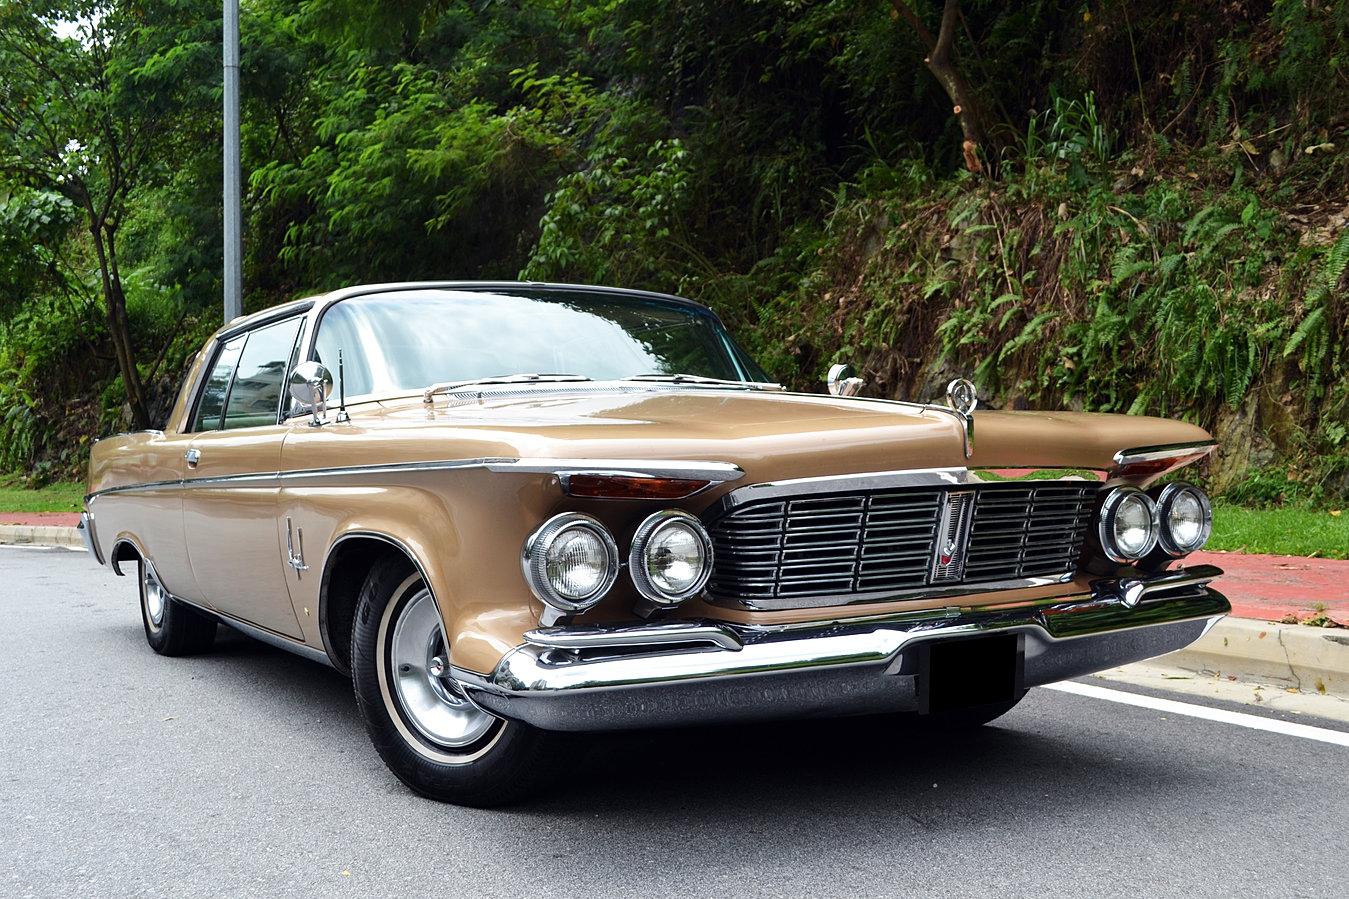 Best Chrysler Cars Ever